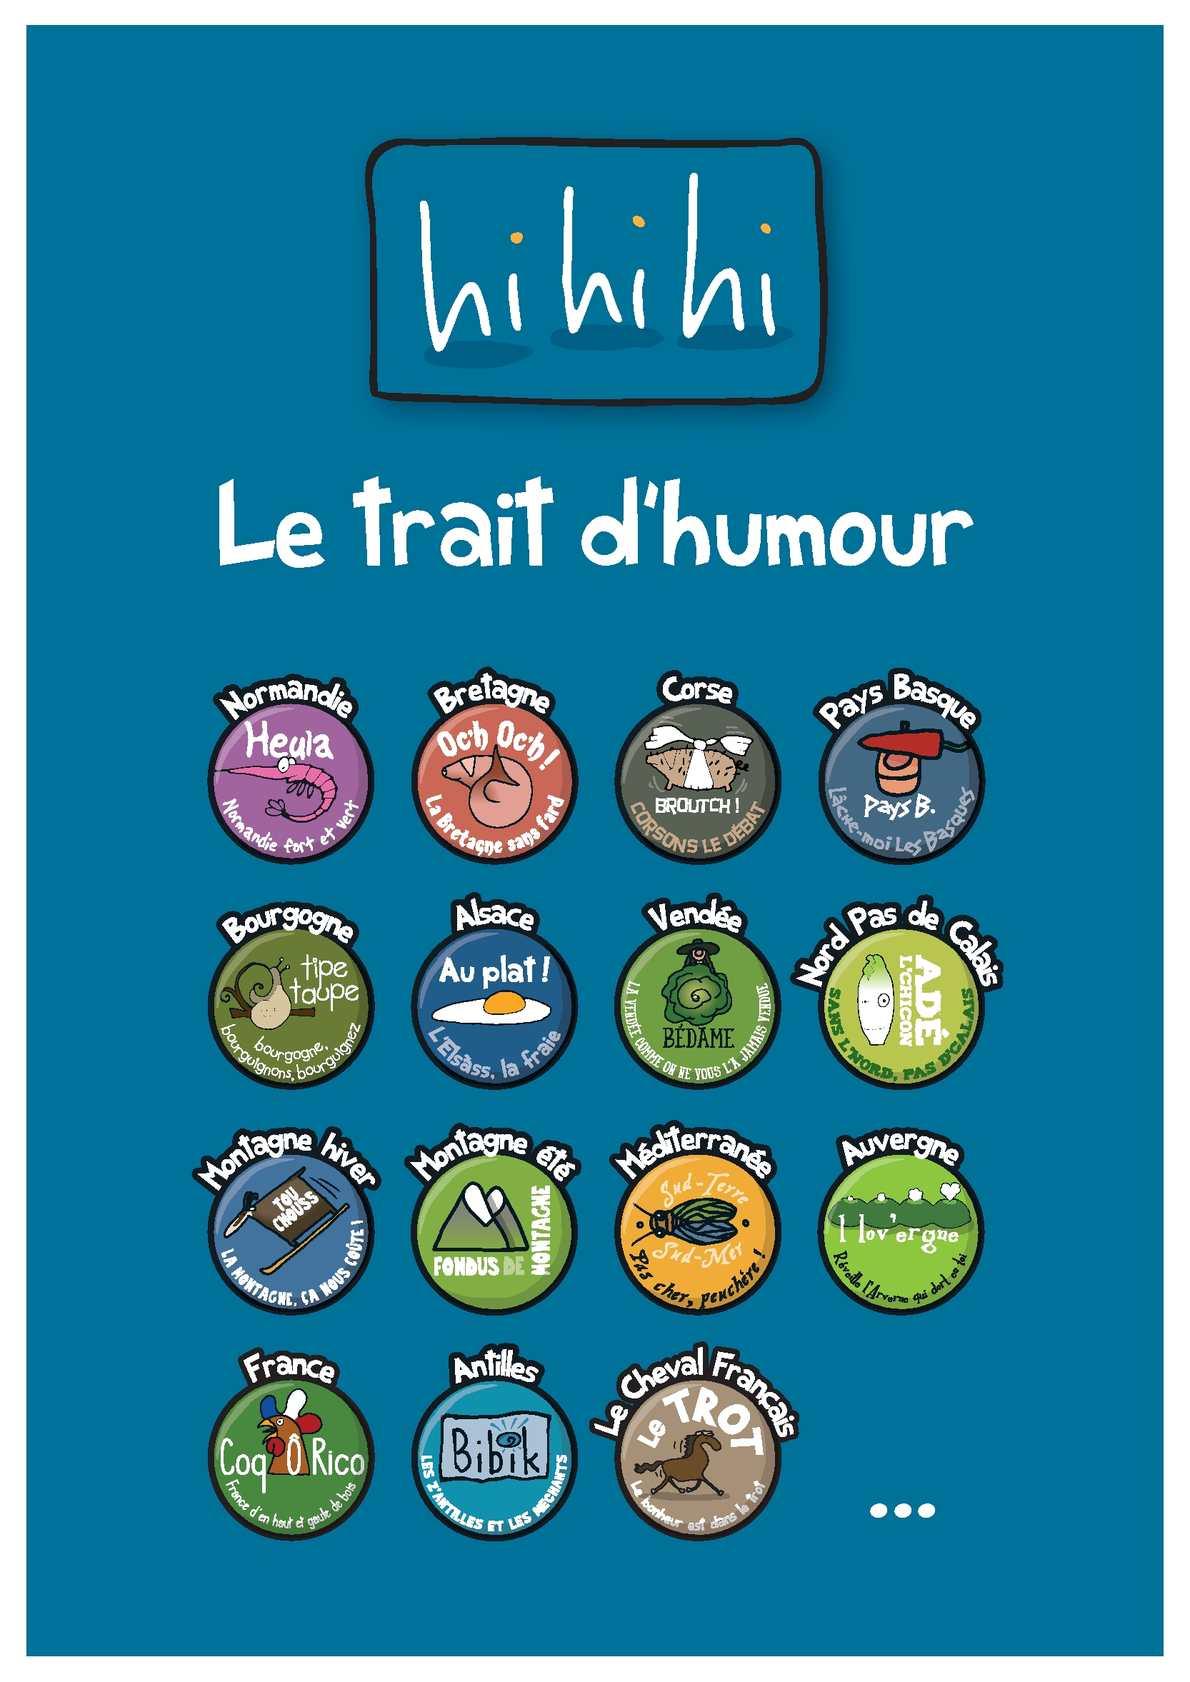 Carte Postale Alsace Humour.Calameo Heula Plus D Infos